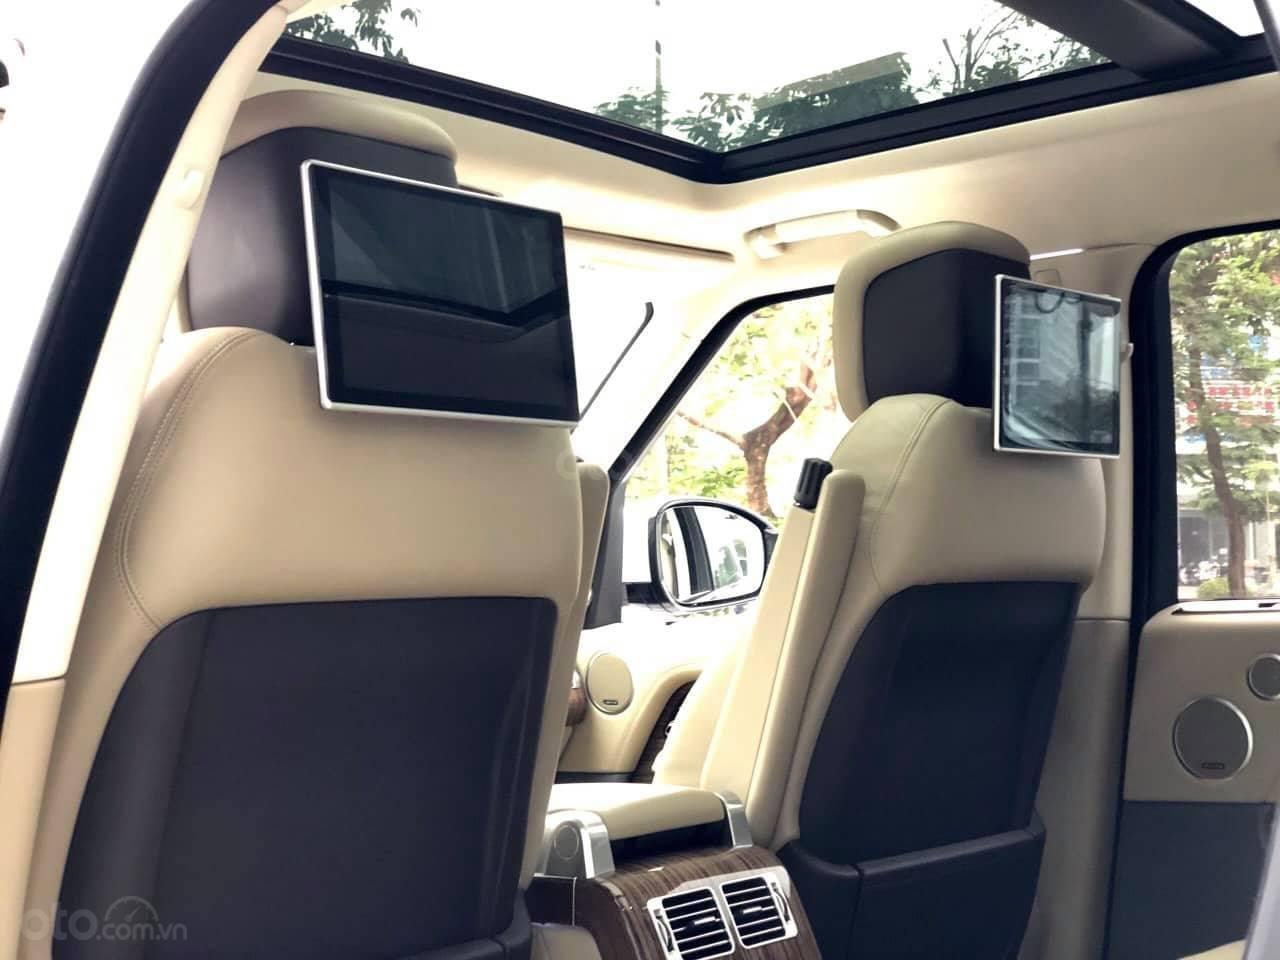 Bán ô tô LandRover Range Rover HSE đời 2018, màu trắng, nhập khẩu nguyên chiếc, LH 0905098888 - 0982.84.2838 (17)